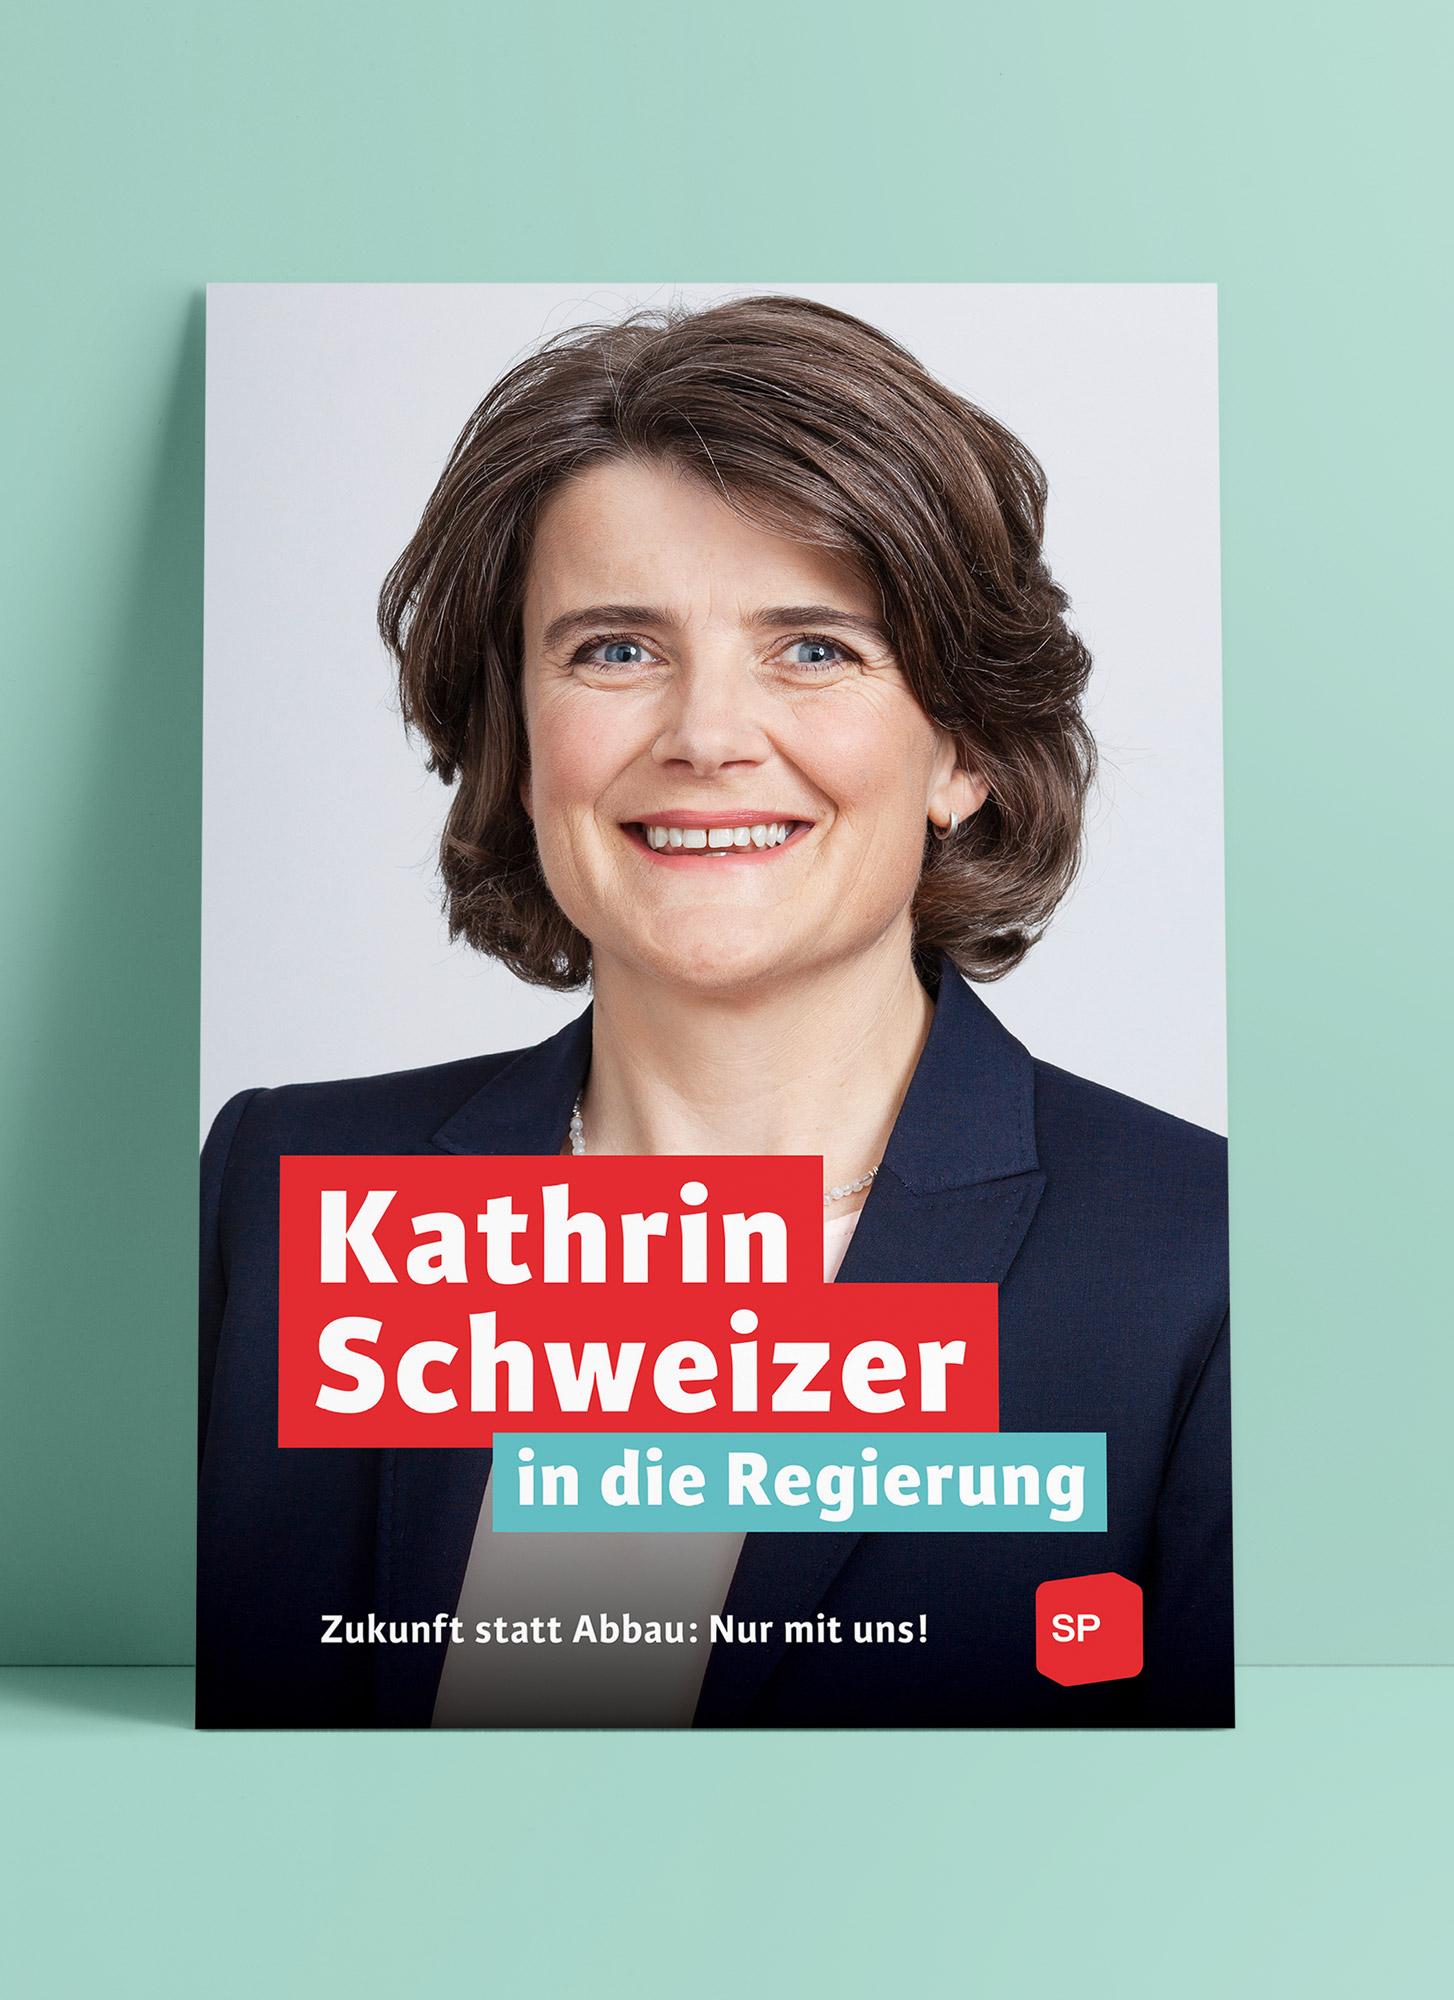 Kathrin_Schweizer